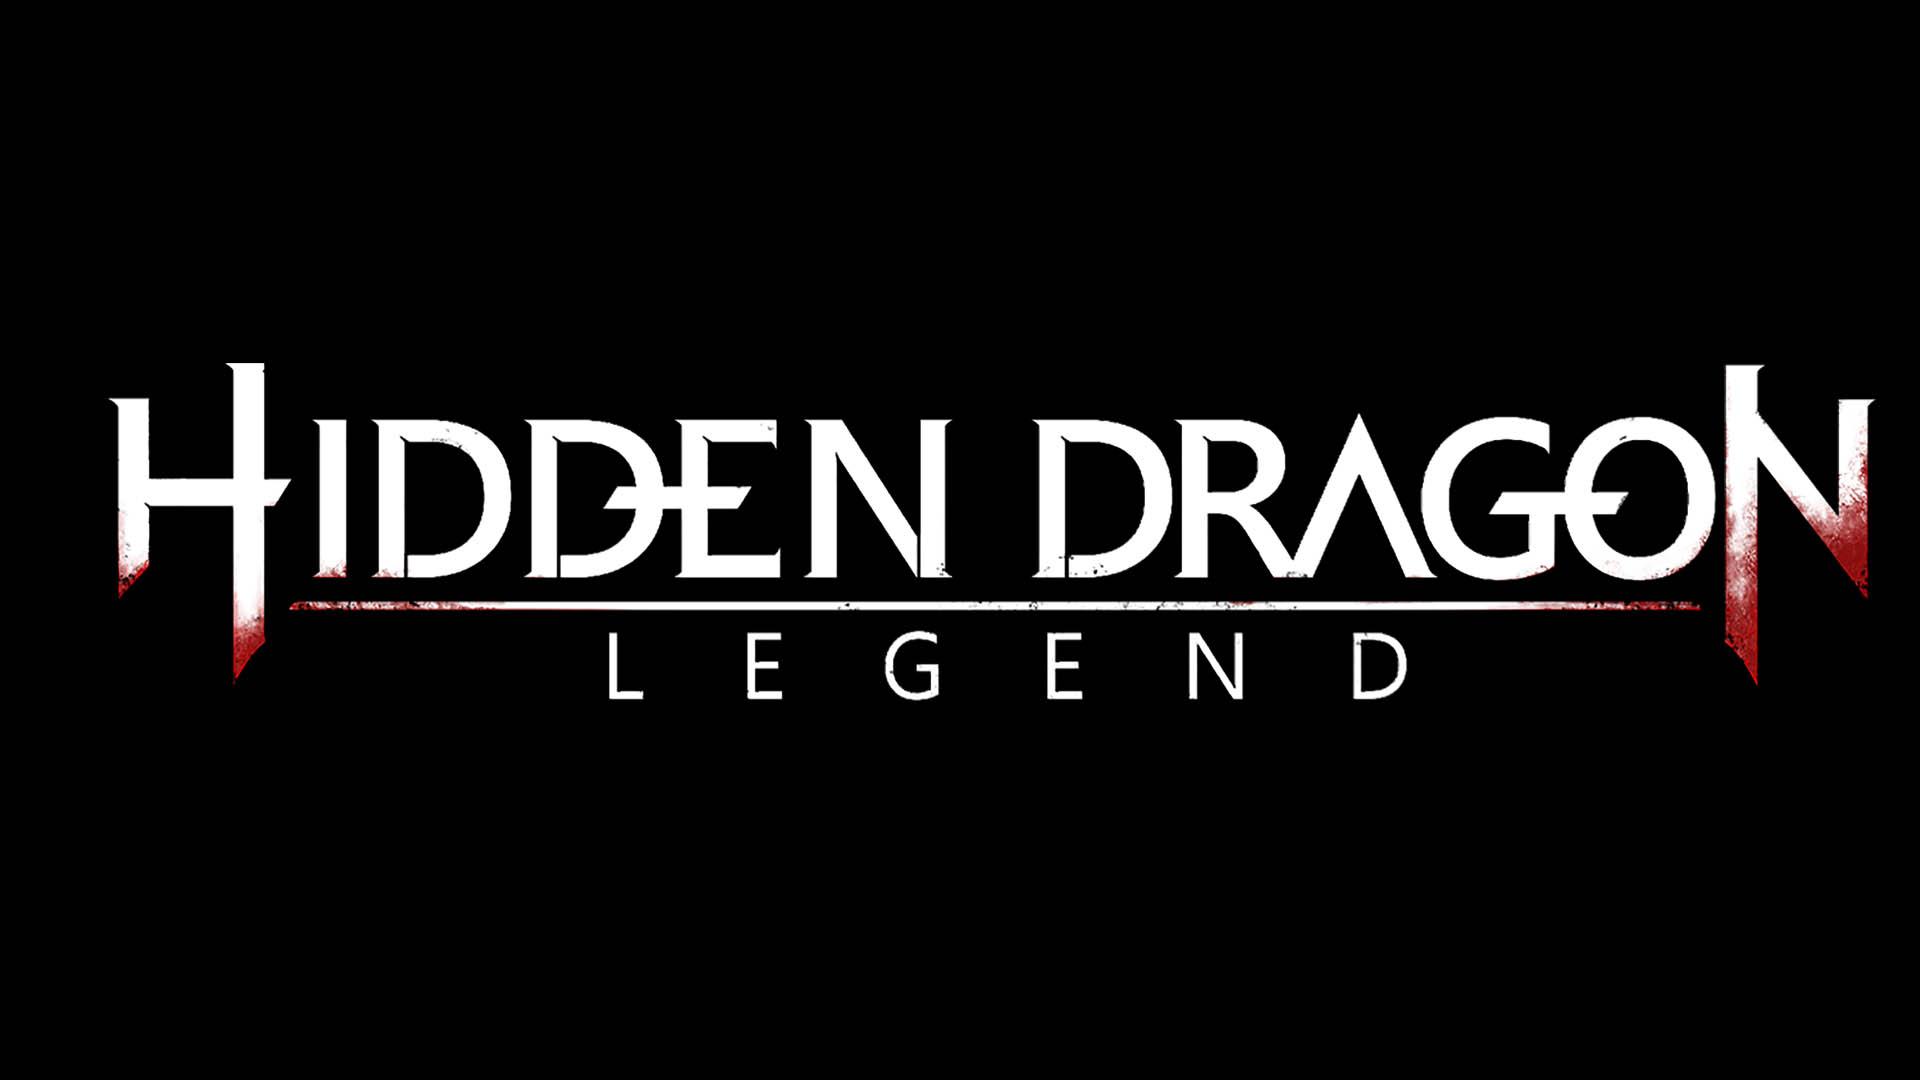 HIDDEN DRAGON LEGEND ab sofort für PlayStation 4 erhältlich!